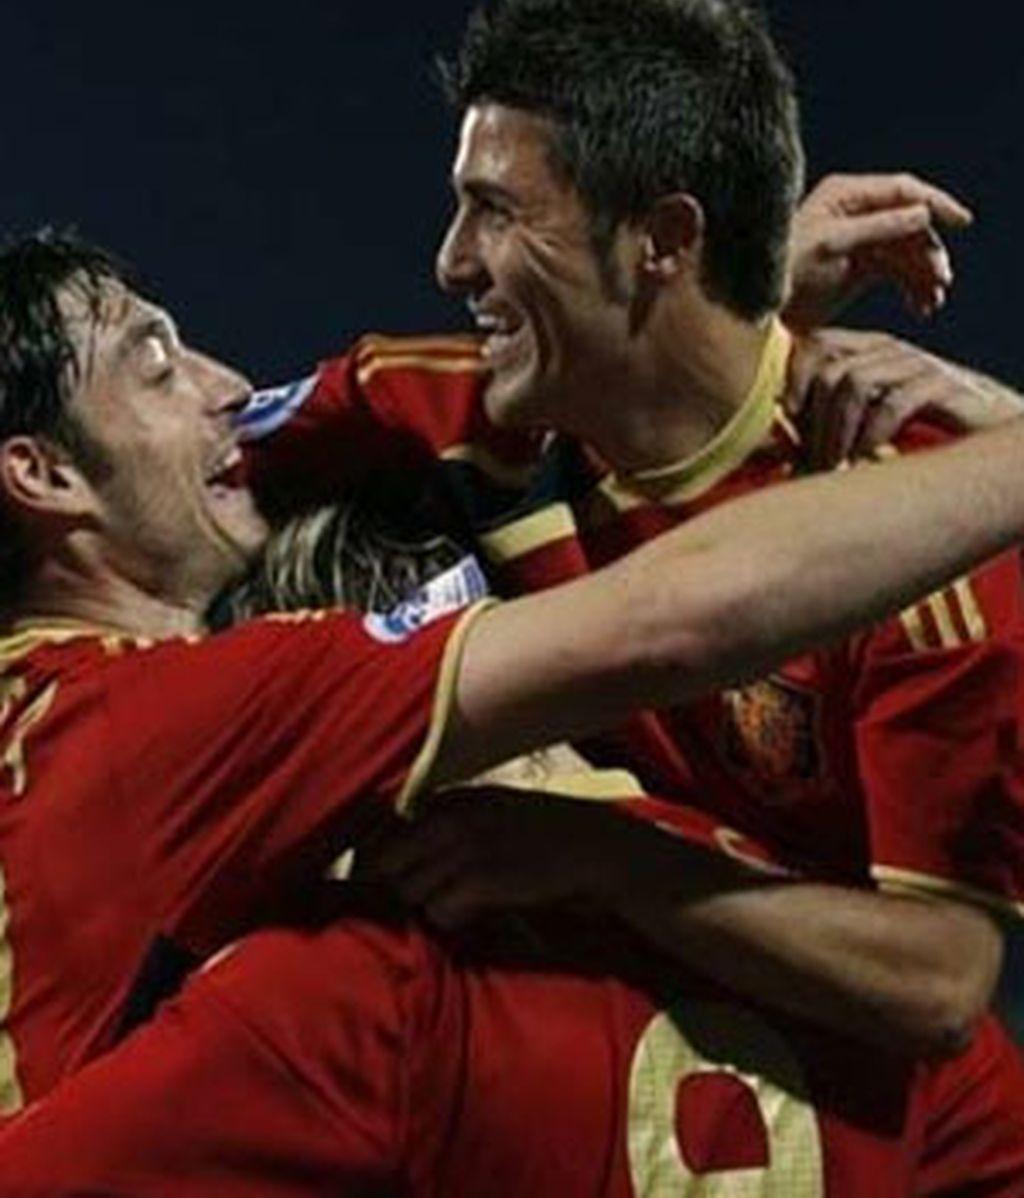 España fue un rodillo ante Nueva Zelanda. Vídeo: Informativos Telecinco.